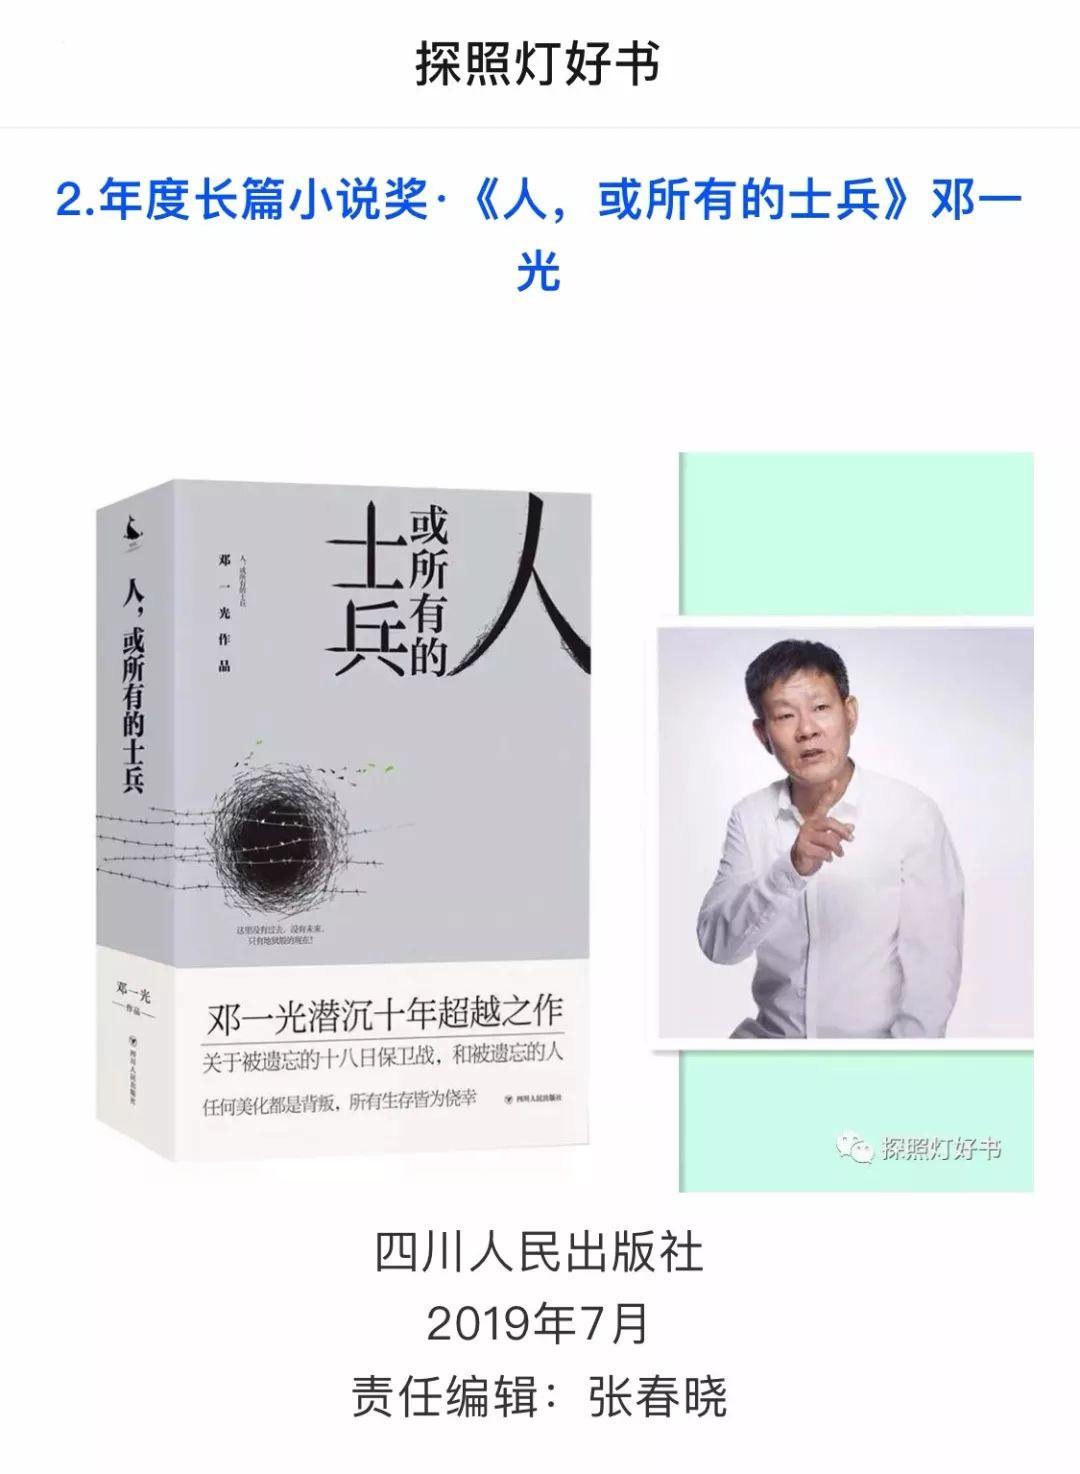 2019小说年度排行榜_2019小说红文畅销榜 言情小说排行榜